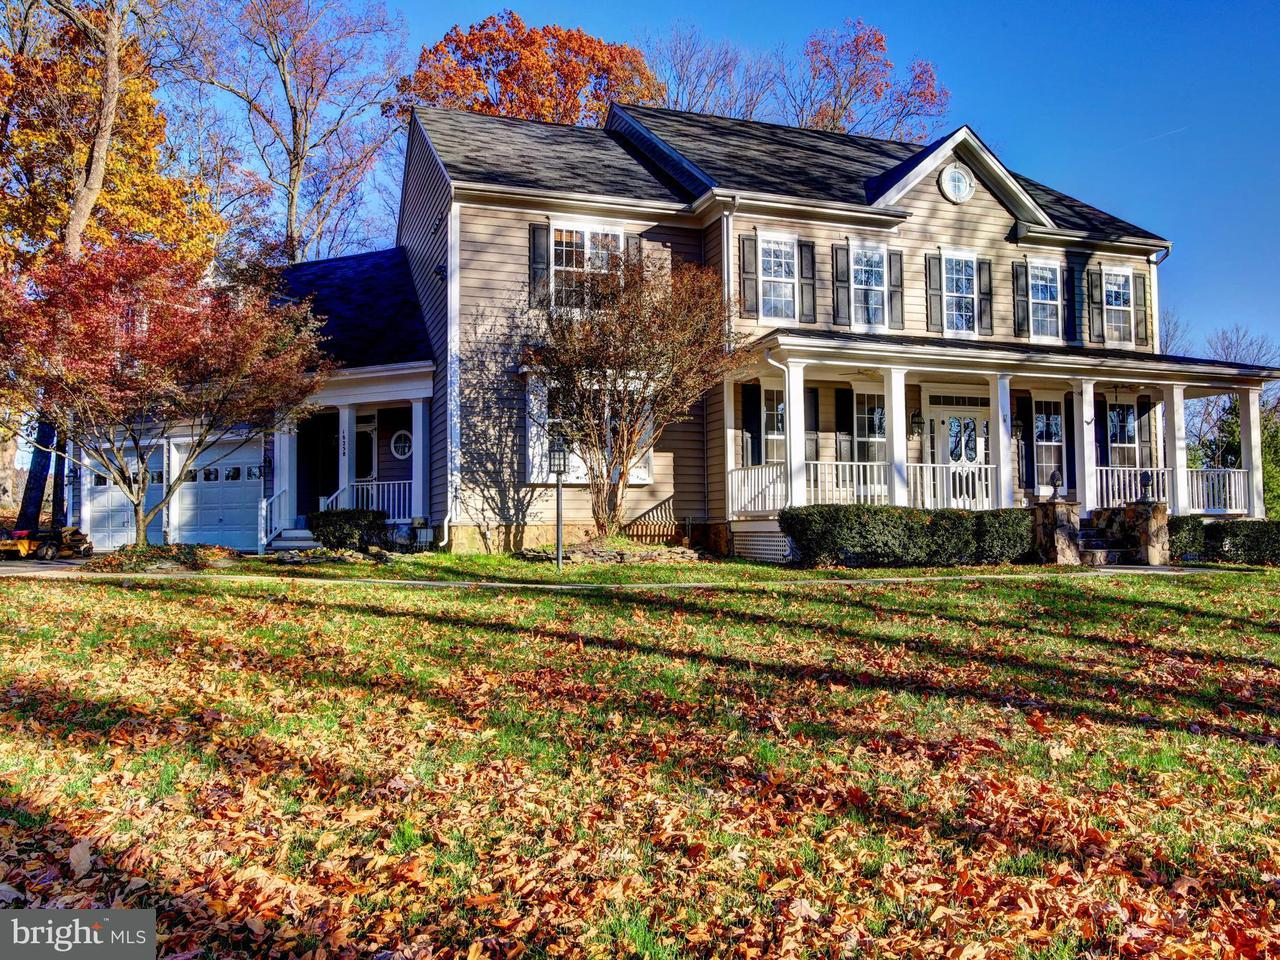 獨棟家庭住宅 為 出售 在 18258 CHESTNUT GROVE Court 18258 CHESTNUT GROVE Court Purcellville, 弗吉尼亞州 20132 美國